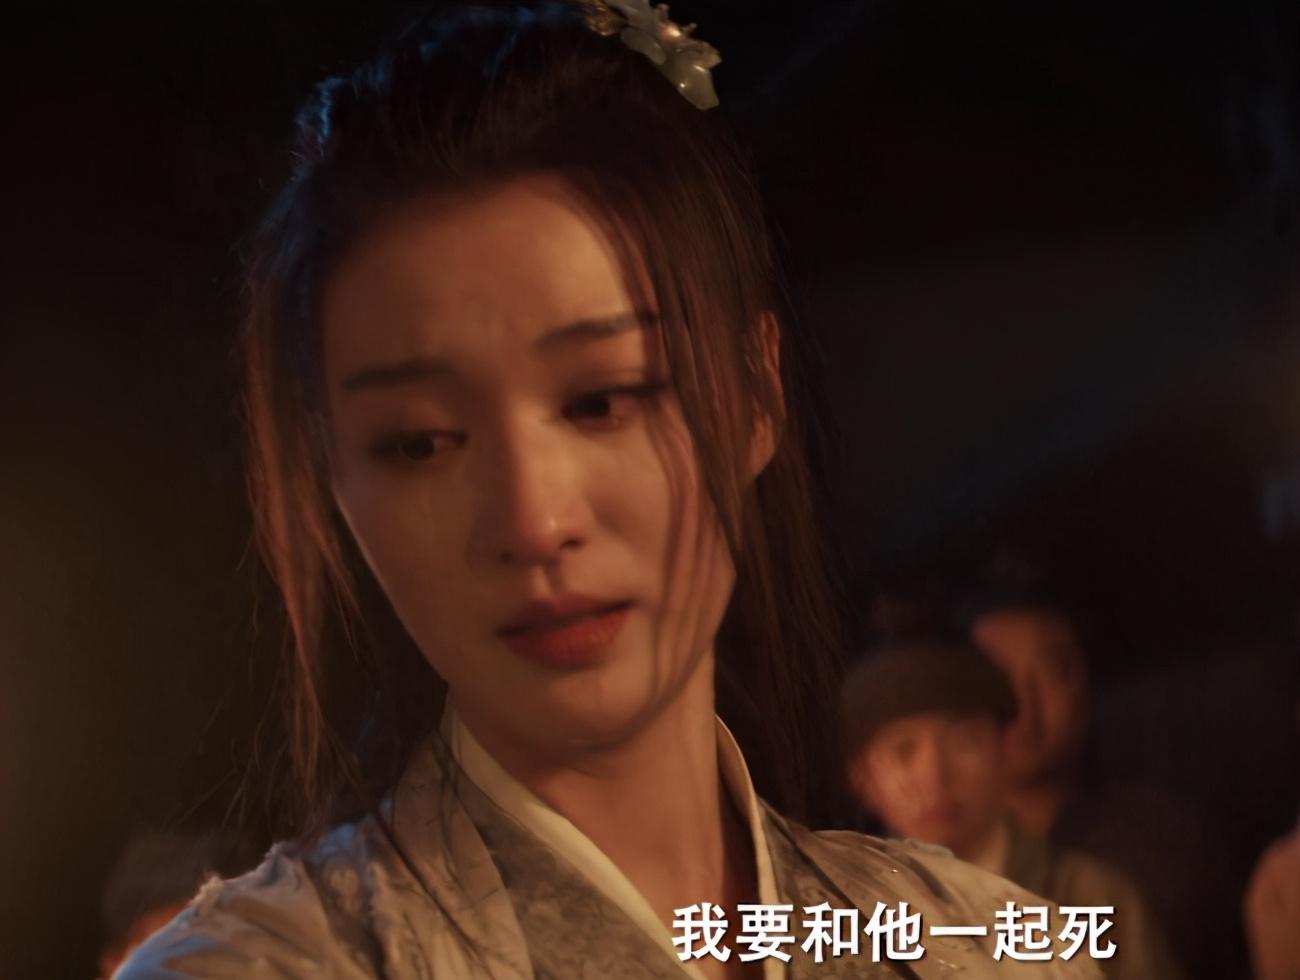 赵薇瞧不上何昶希版《画皮》,郭敬明回怼一语双关,直戳对方痛处